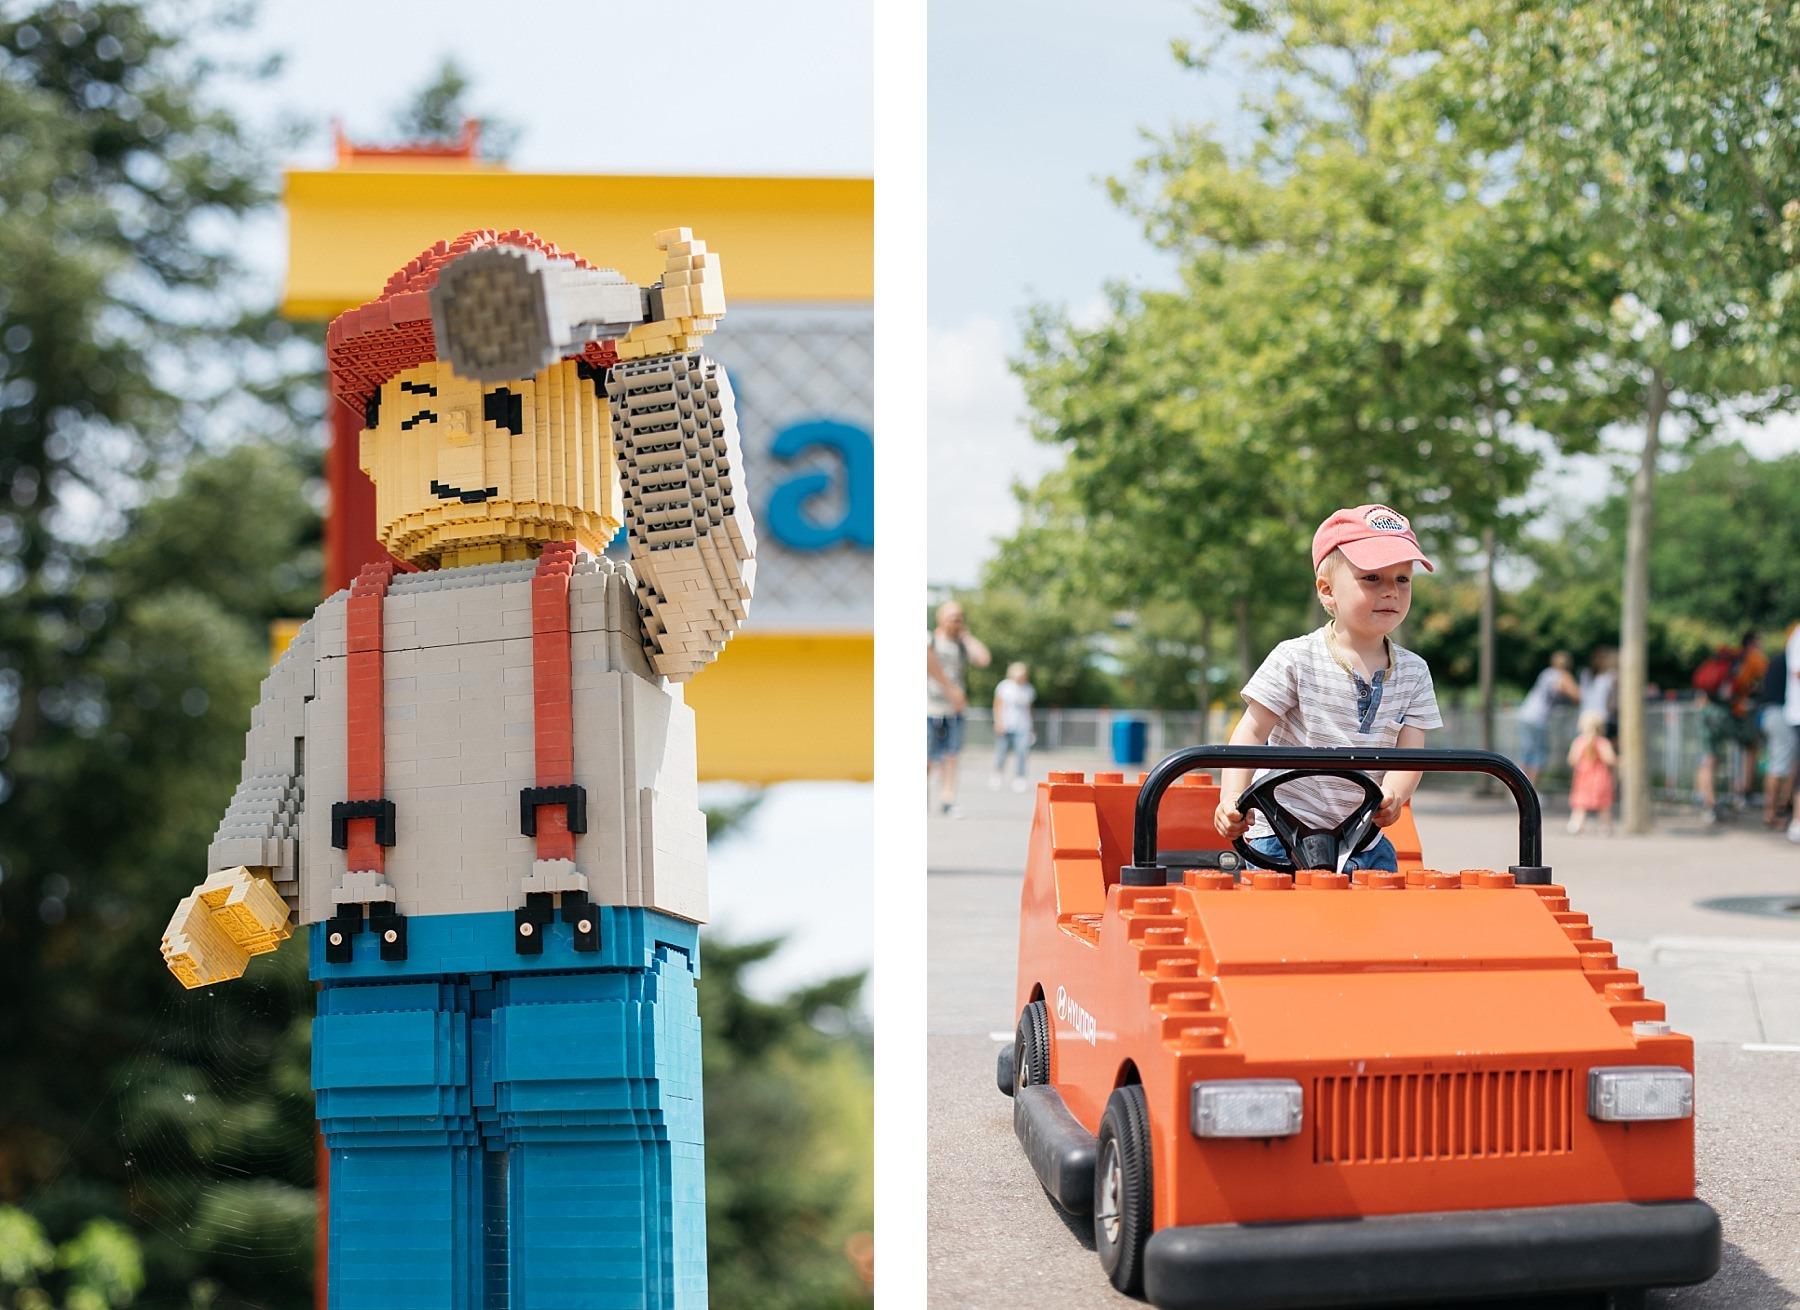 Legoland - 57 millions de briques Lego 13